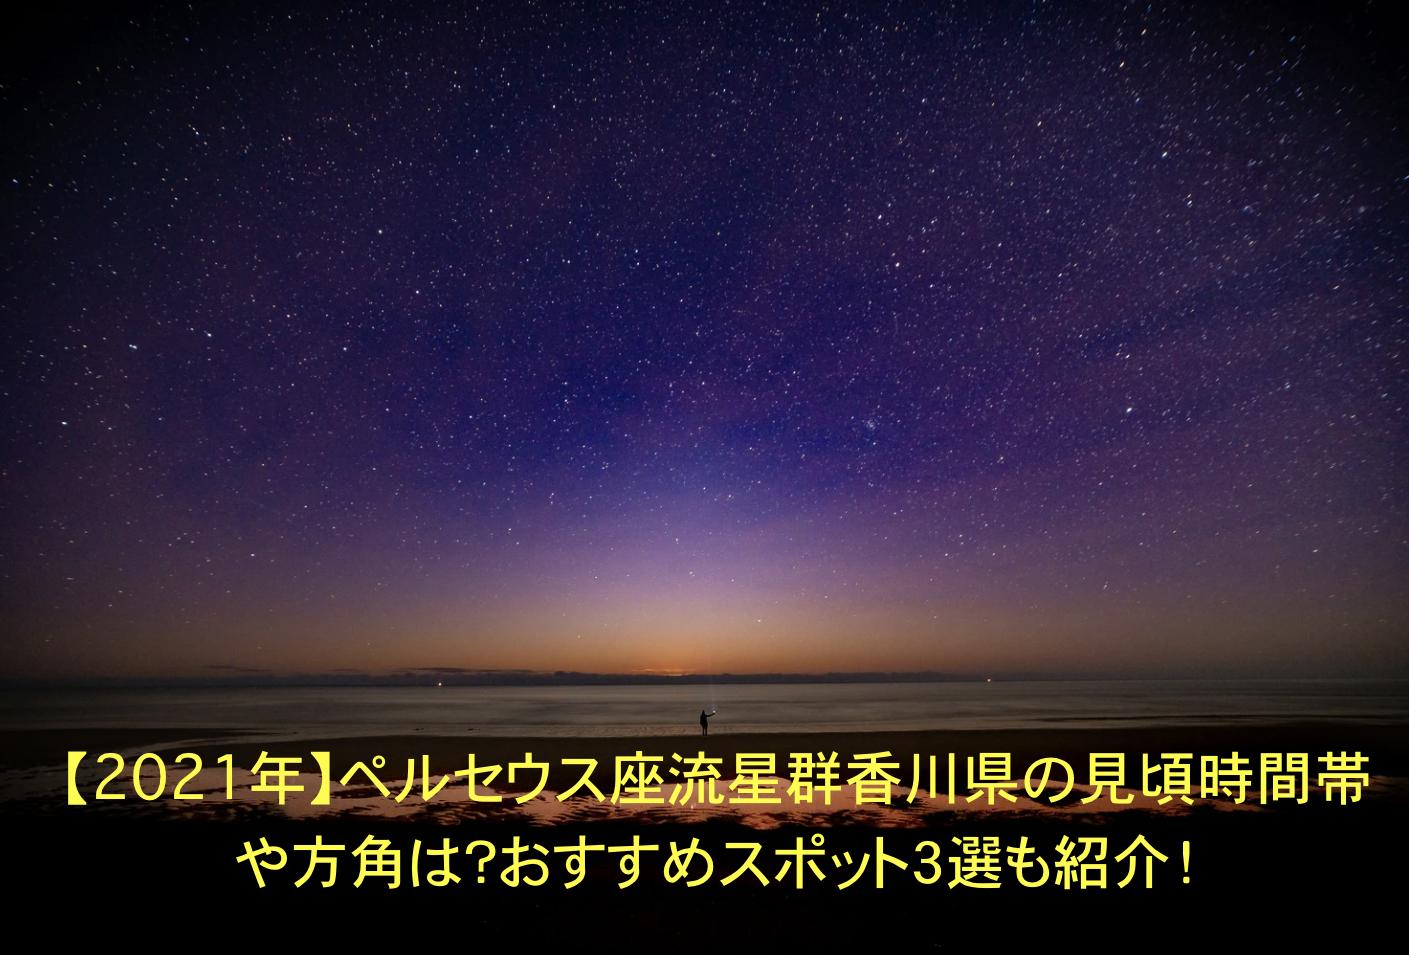 ペルセウス座流星群 香川 見頃 時間帯 方角 おすすめスポット